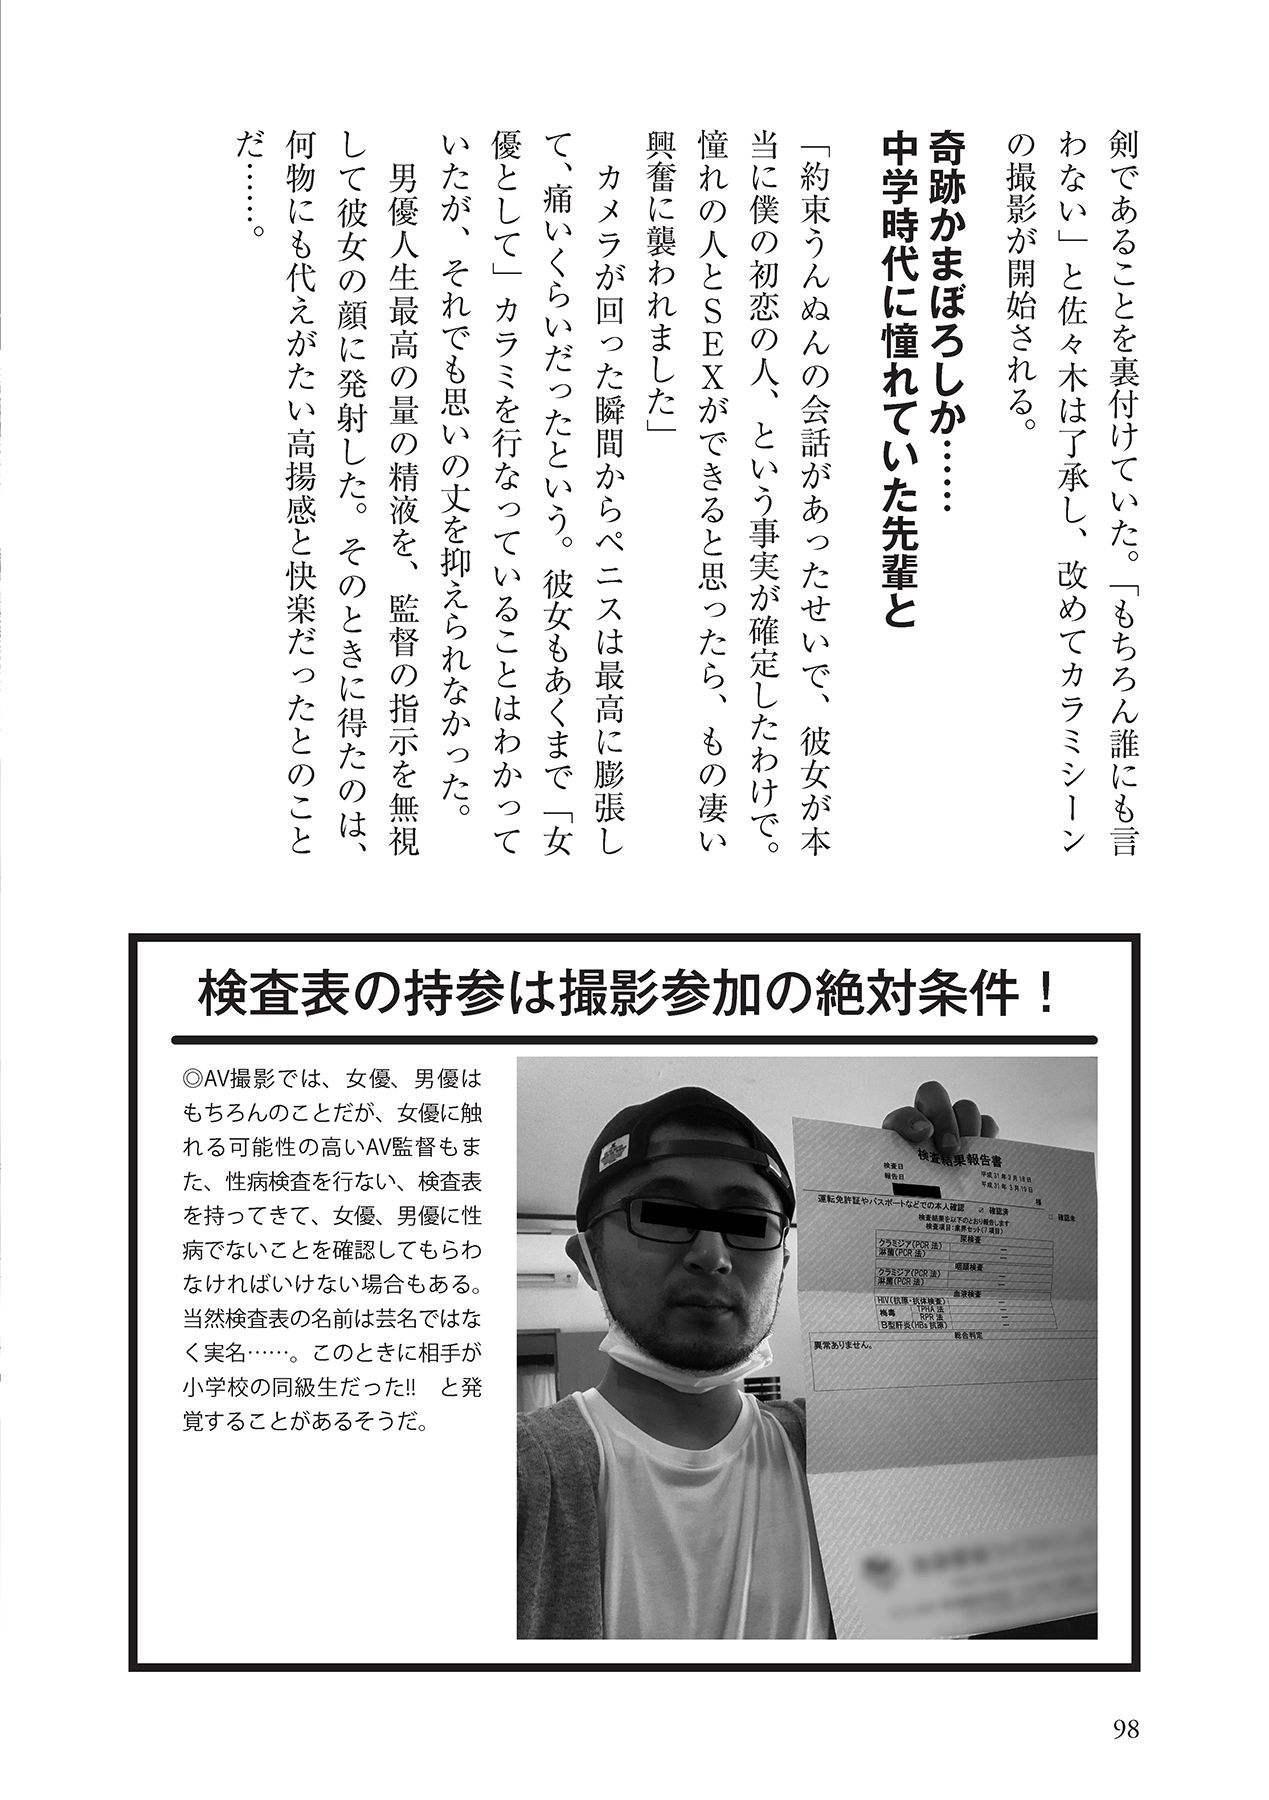 AV男優になろう! イラスト版 ヤリすぎッ! 97